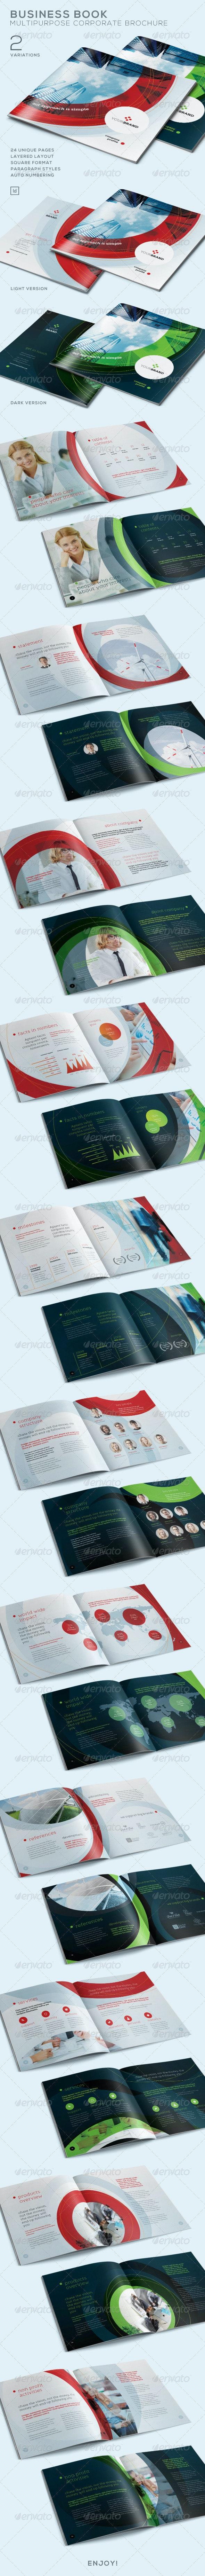 Business Book - Multi-Purpose Corporate Brochure - Corporate Brochures